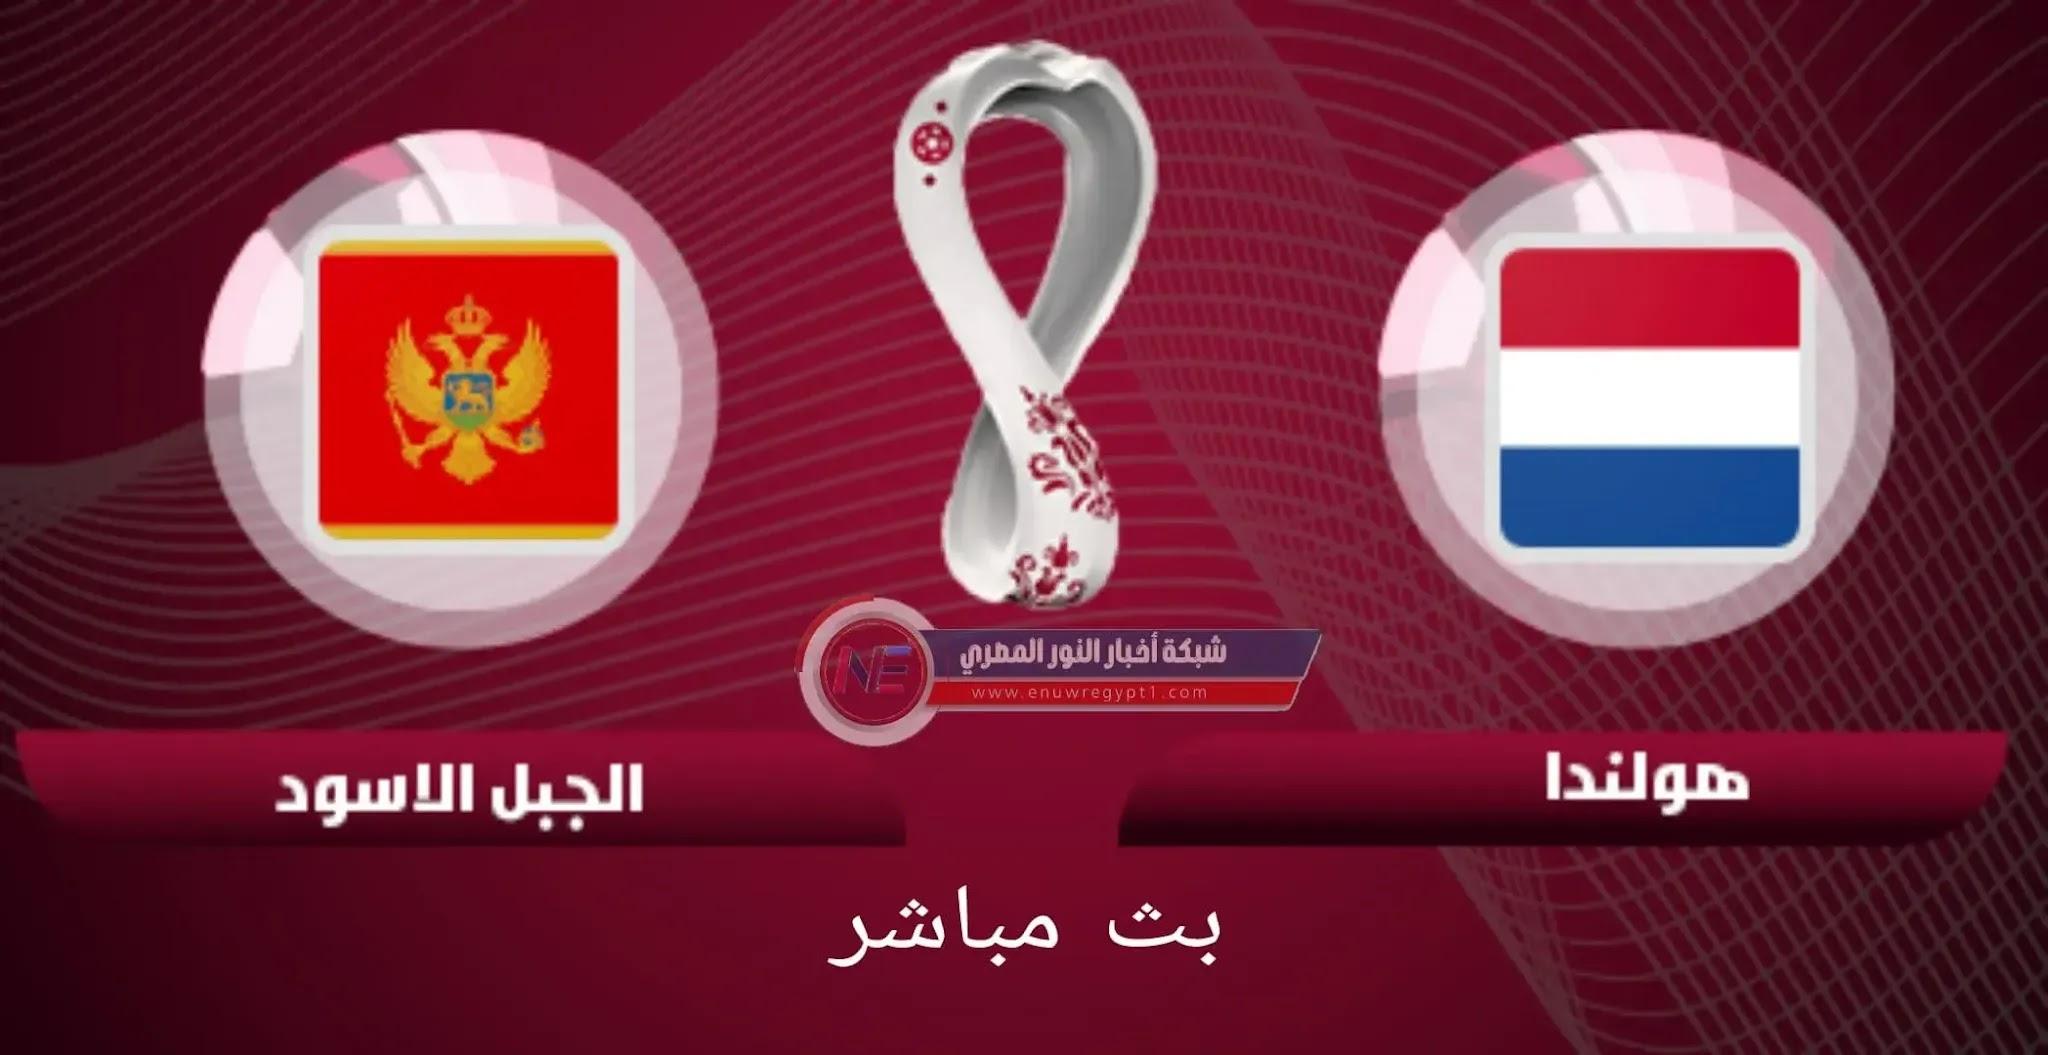 يلا شوت يوتيوب .. بث مباشر مشاهدة مباراة هولندا و الجبل الأسود بث مباشر اليوم 04-09-2021 لايف في تصفيات كأس العالم